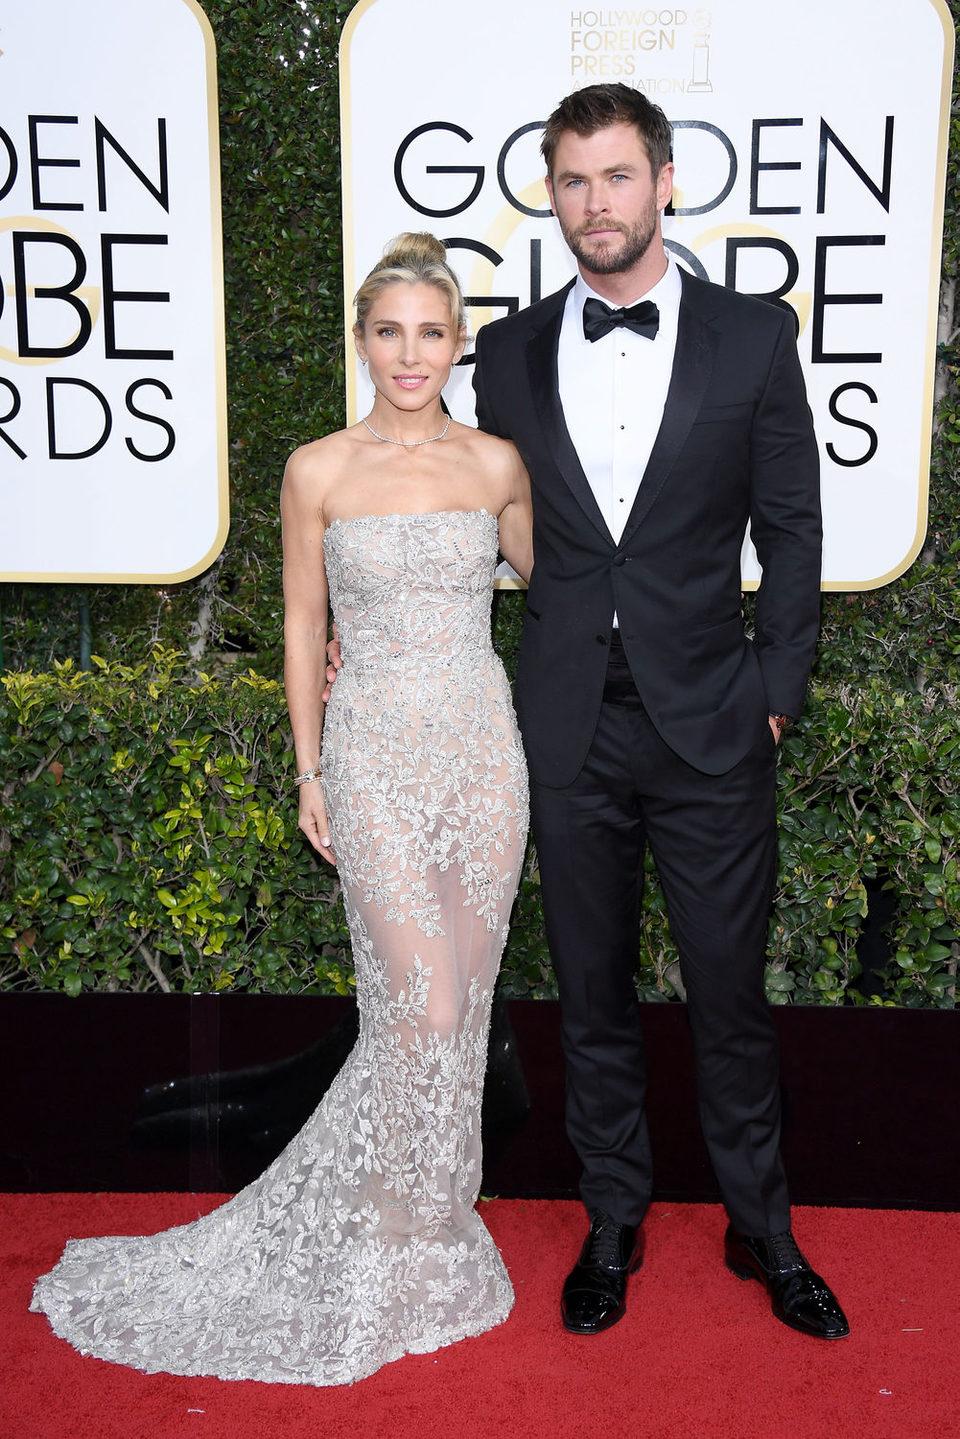 Chris Hemsworth y Elsa Pataky posan en la alfombra roja de los Globos de Oro 2017